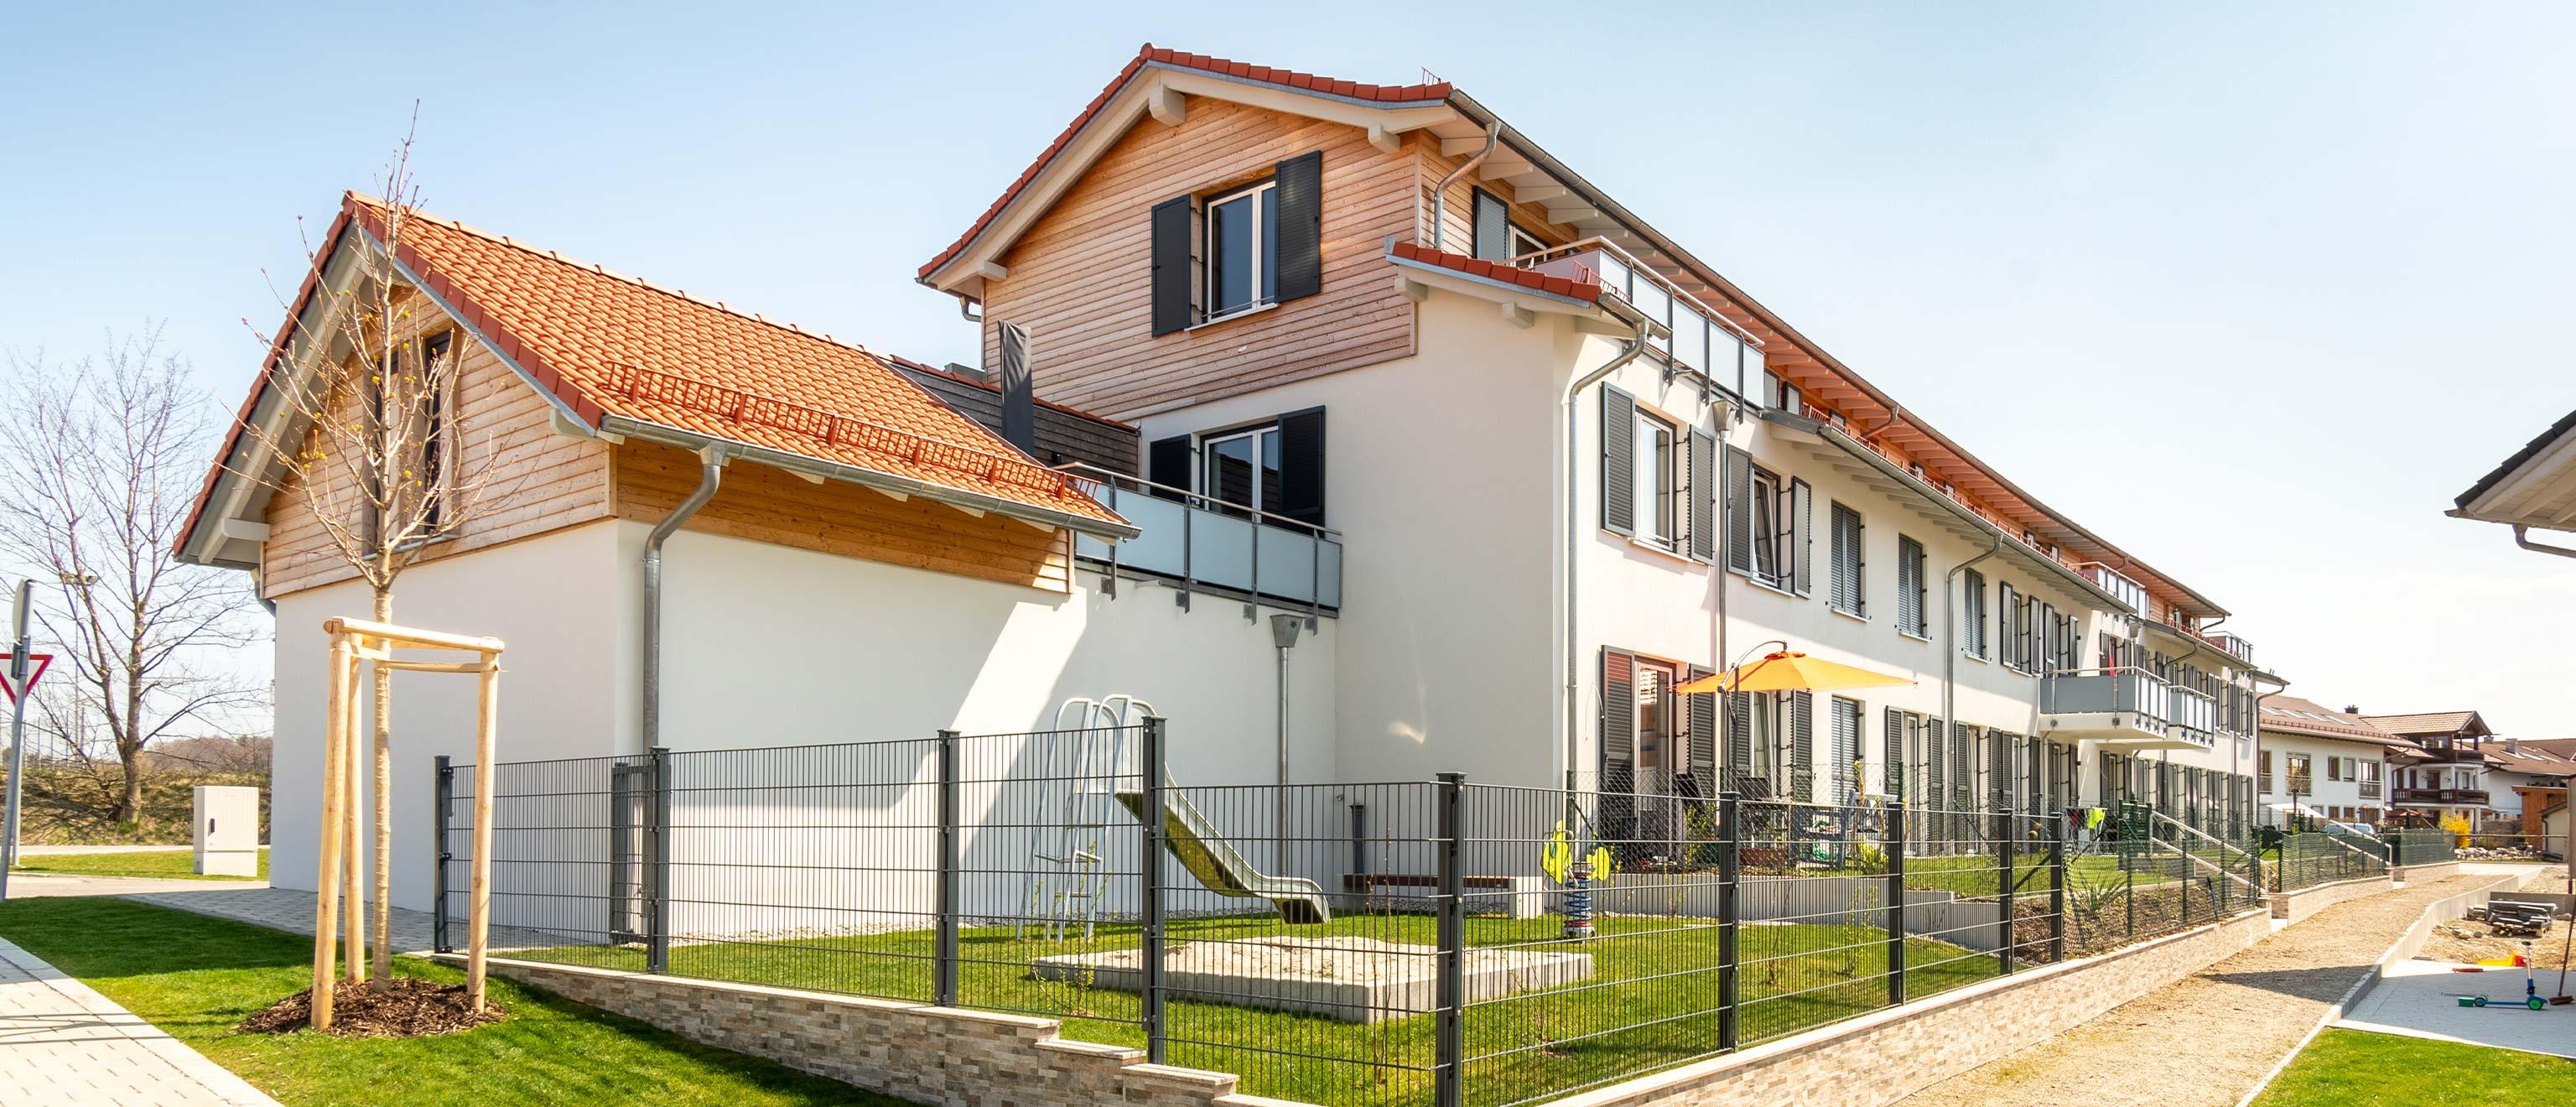 LEAN BAU Referenz | Wohnungen | München